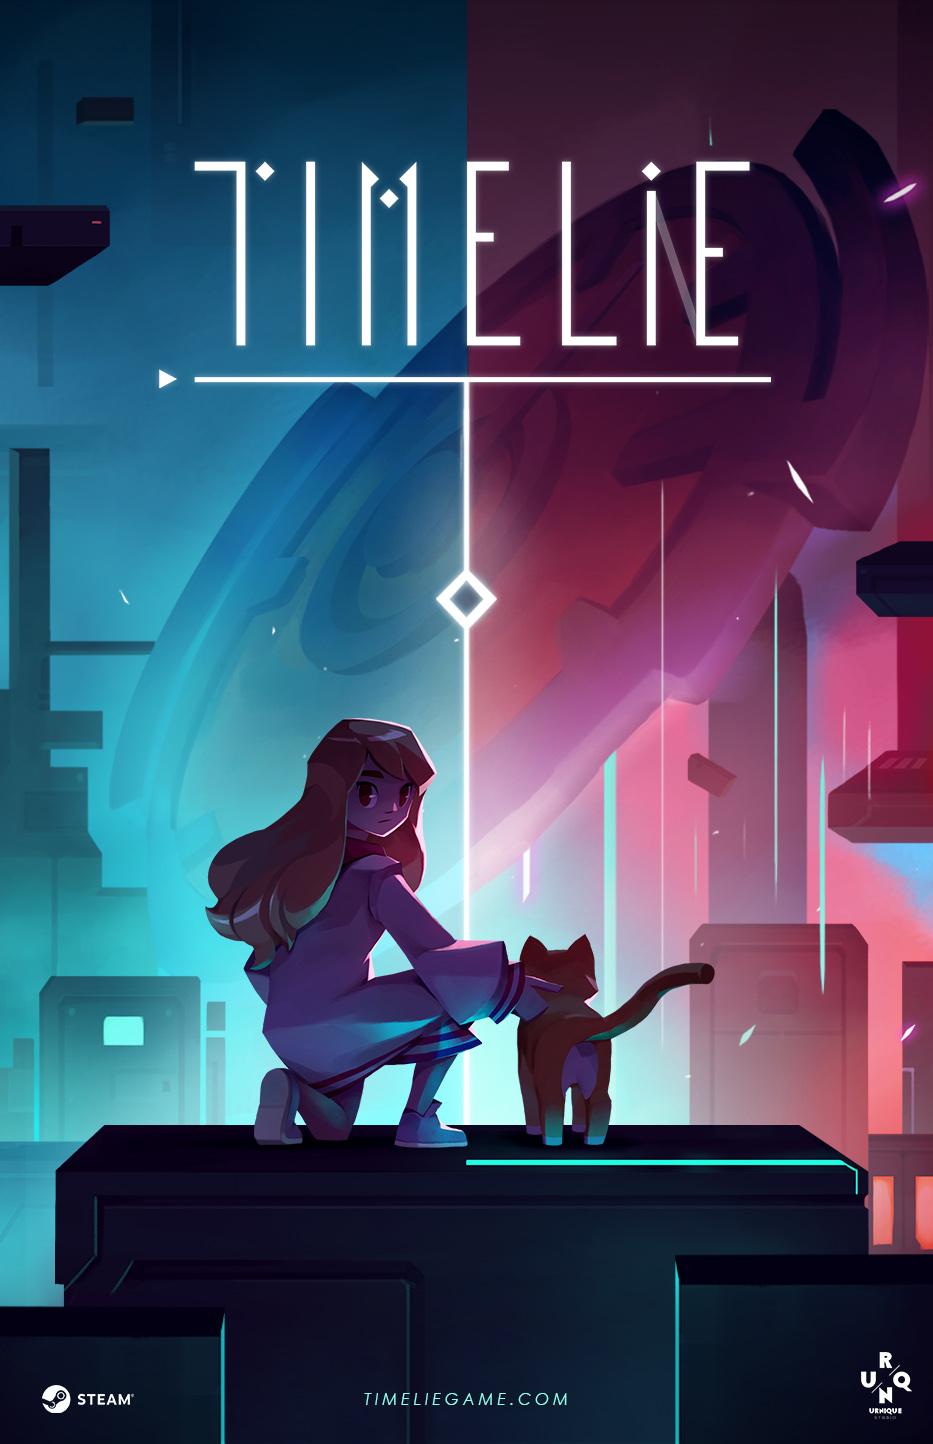 Timelie logo and artwork